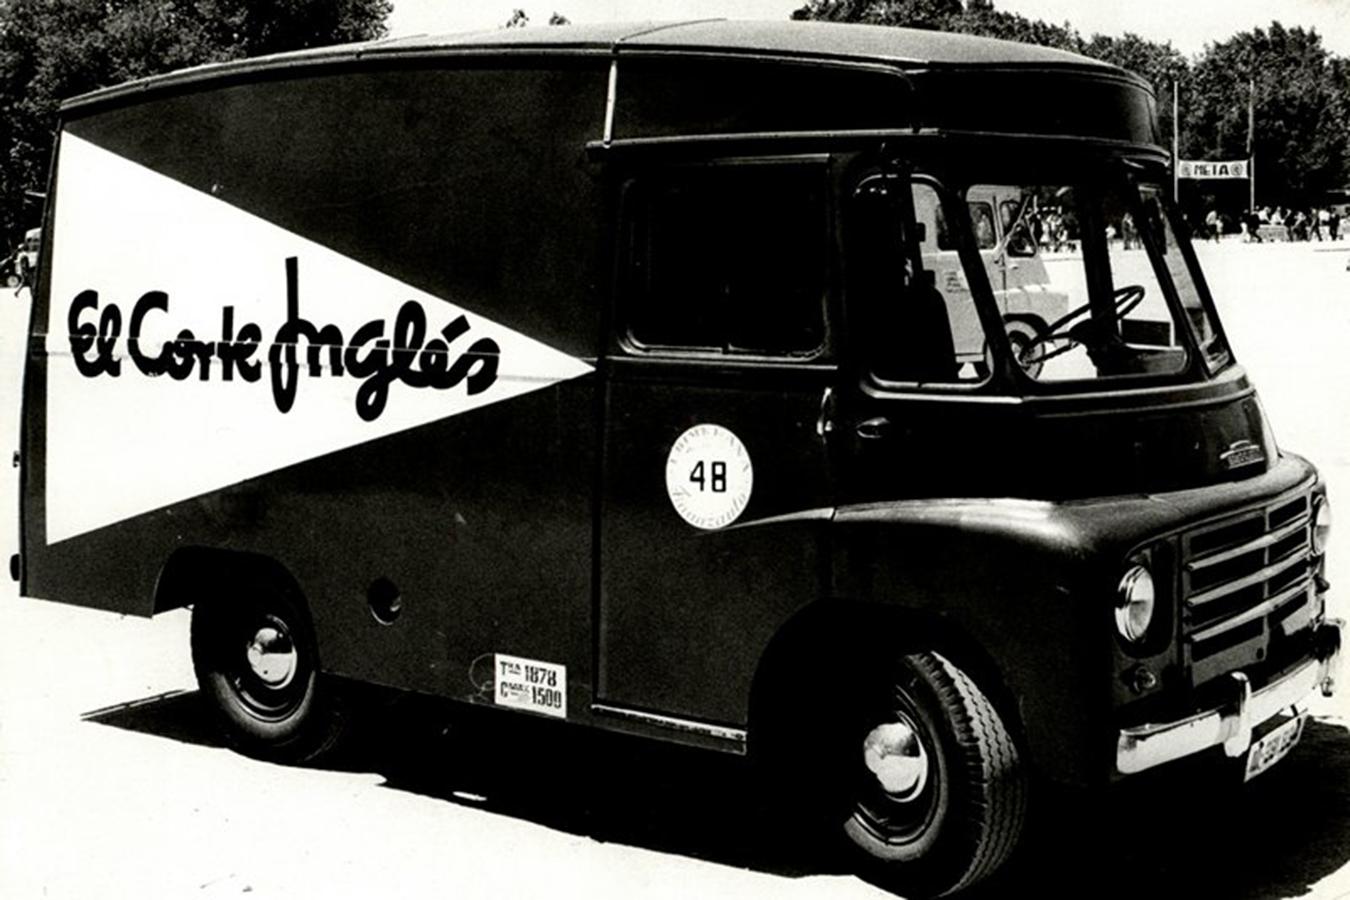 El Corte Inglés Antique Truck